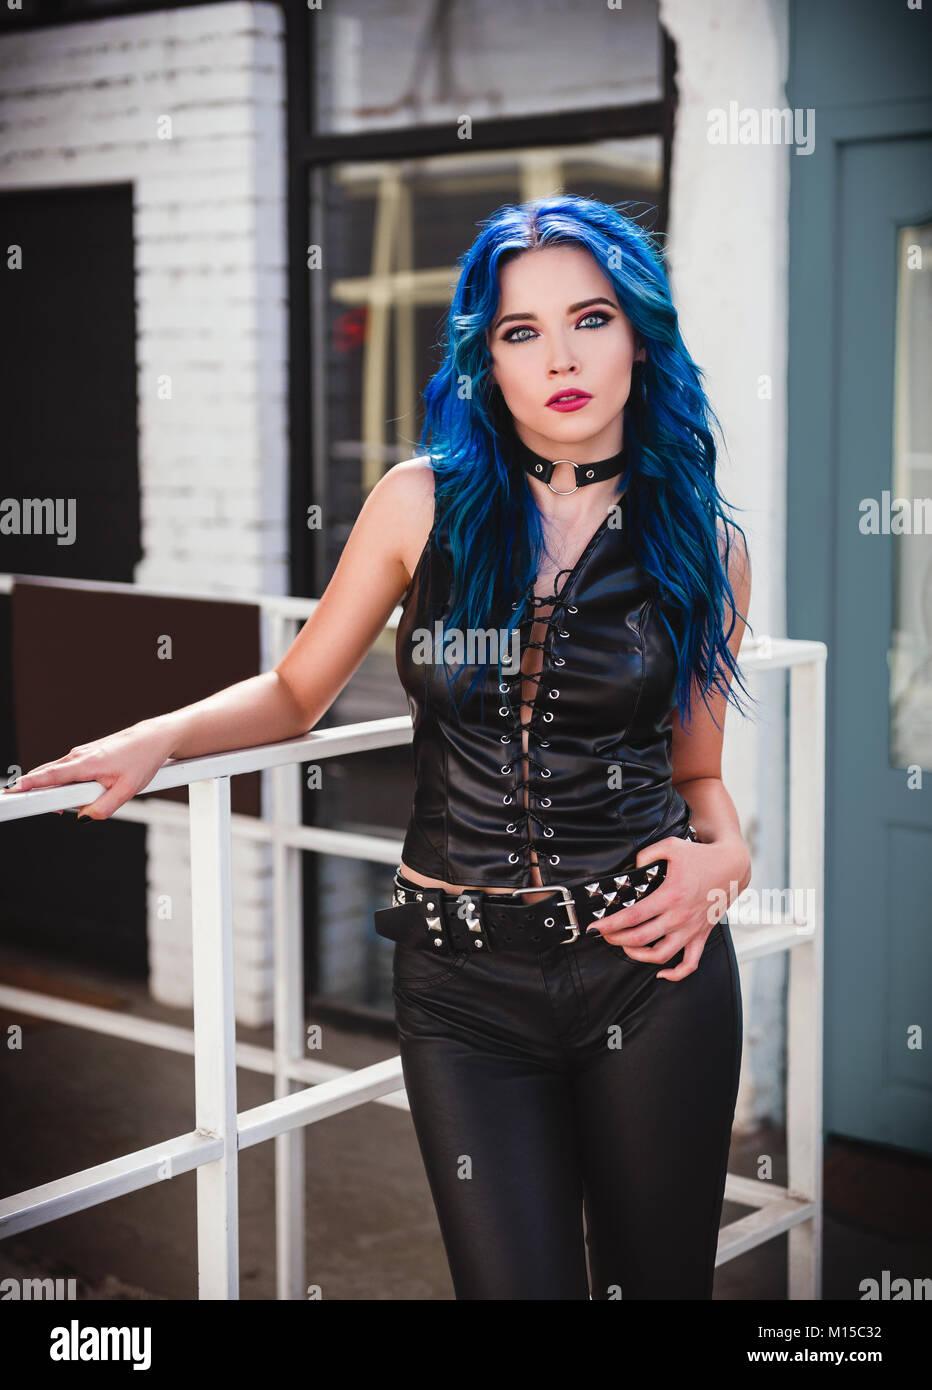 Cute Rock Girl Informal Model With Blue Hair Dressed In